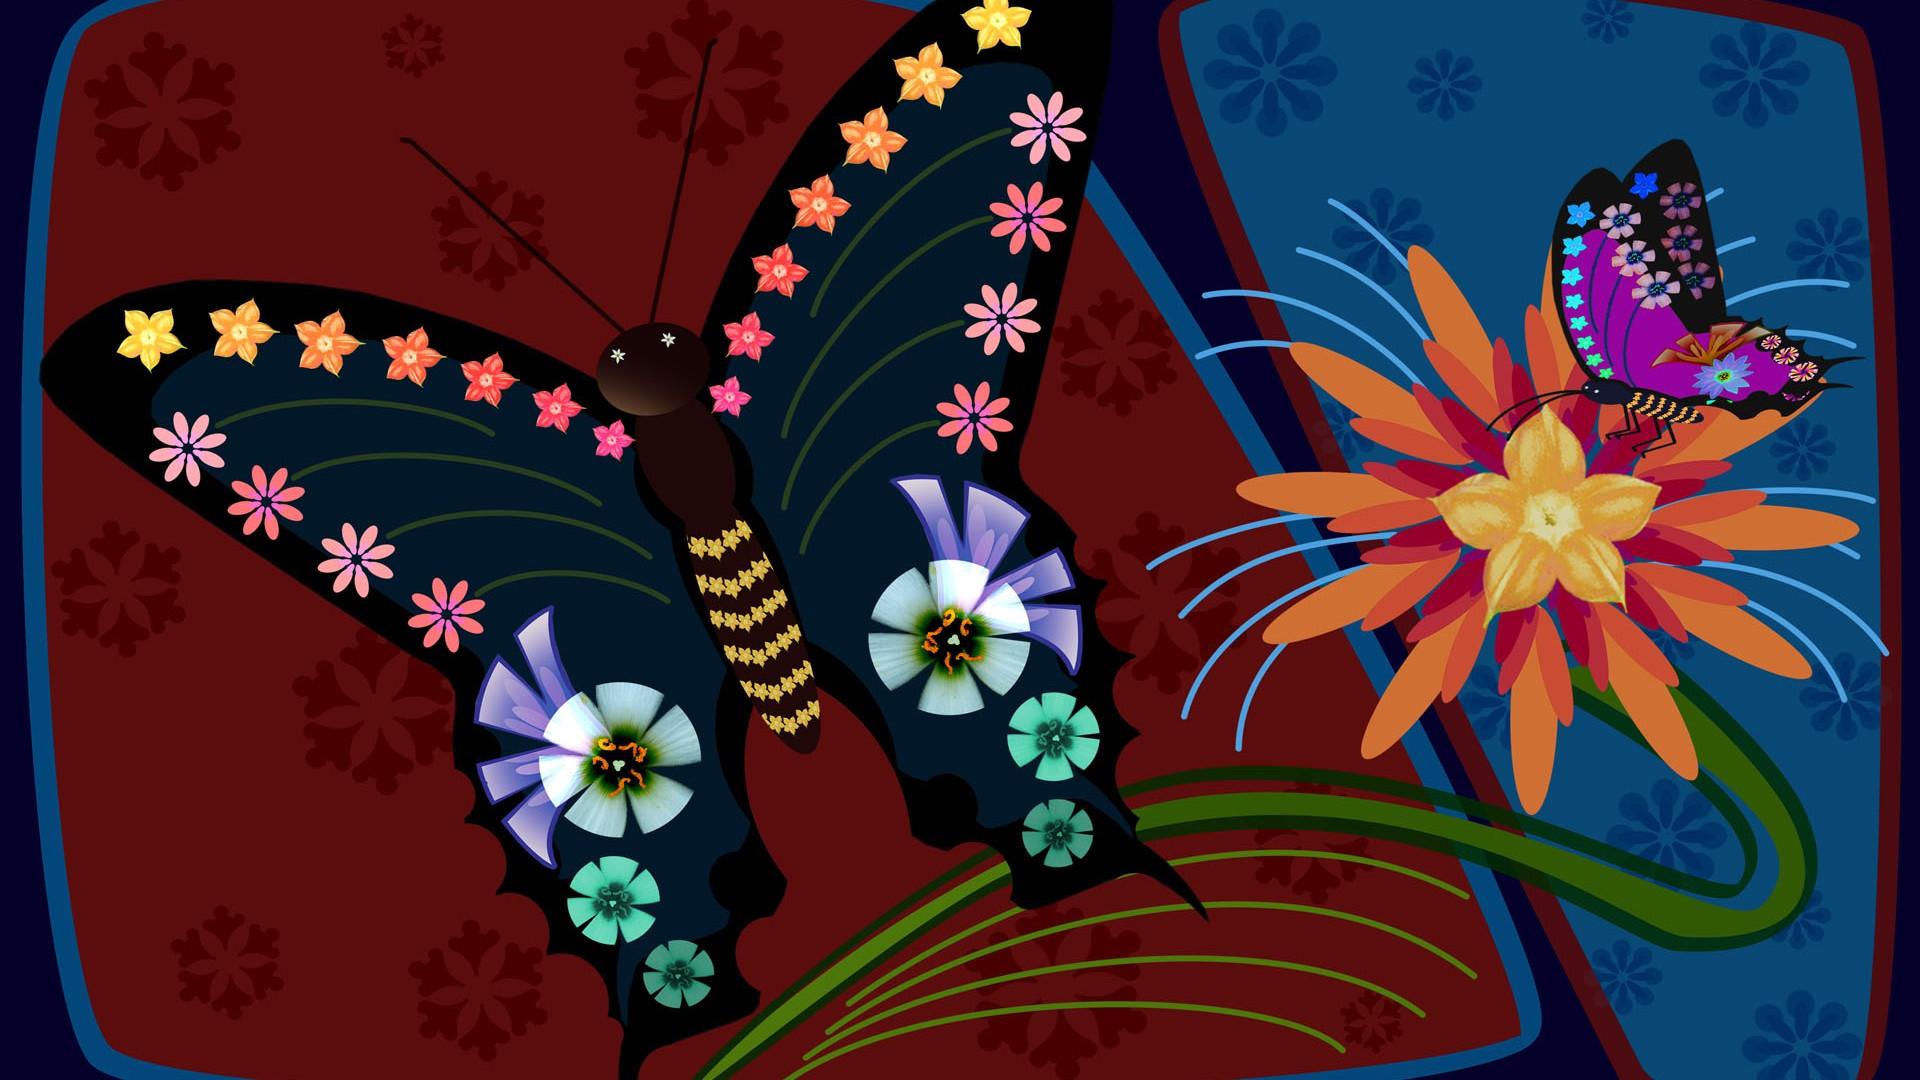 手绘鲜花精美背景素材图片